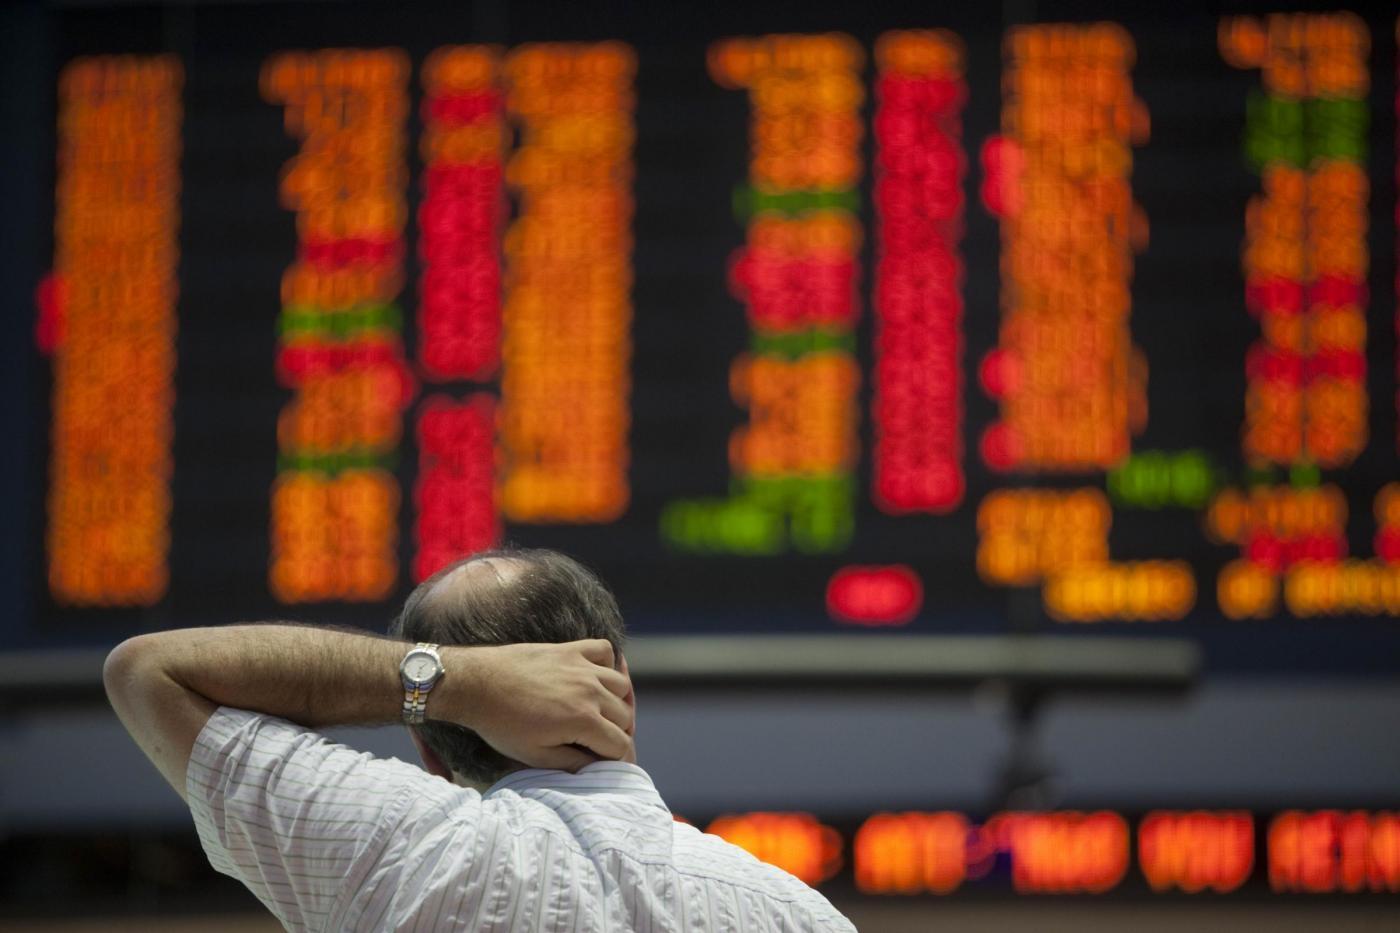 Torna la paura spread, il differenziale sopra i 400 punti. Ora la Spagna spaventa i mercati